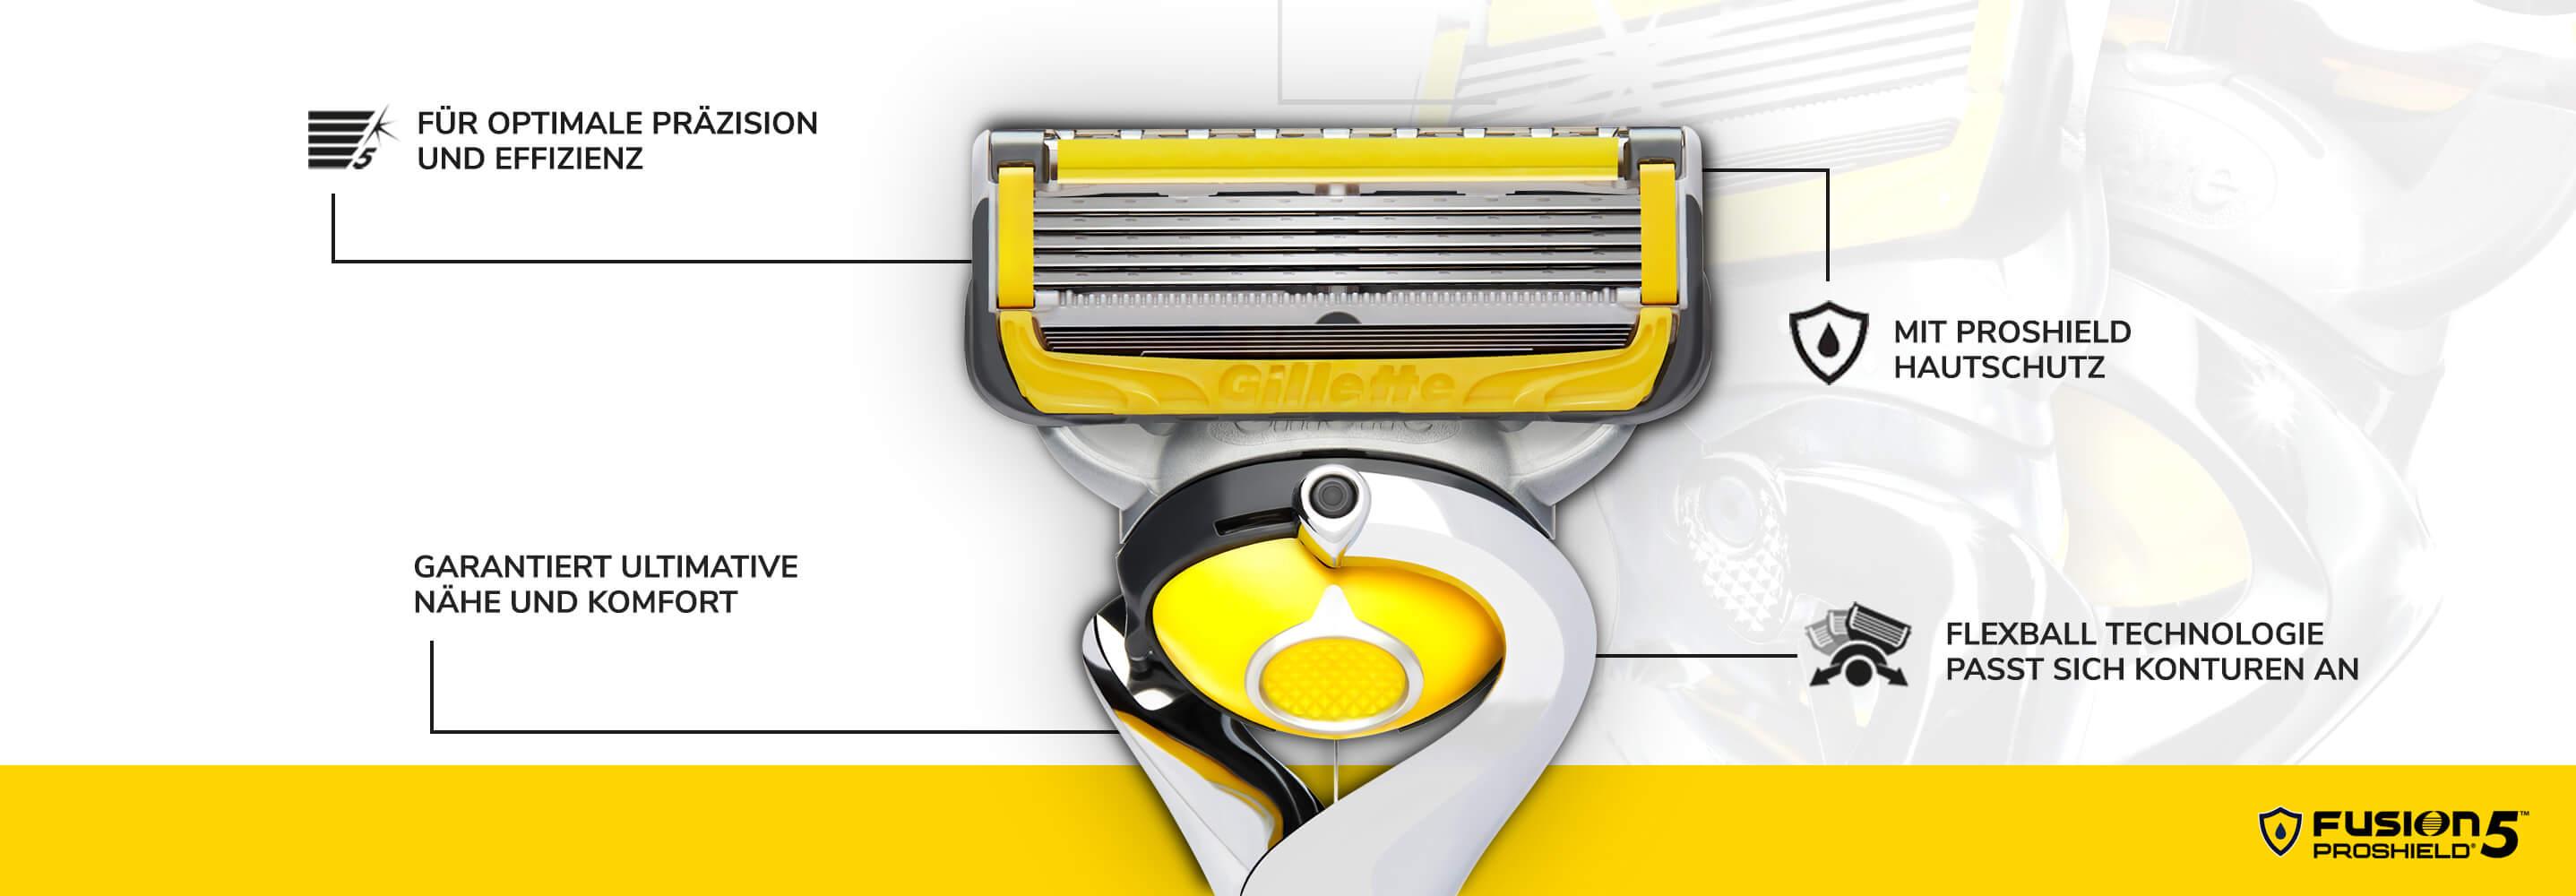 Fusion5 ProShield Rasierer Portfolio: Rasierer für präzise, effiziente Rasur mit Hautschutz | Gillette DE